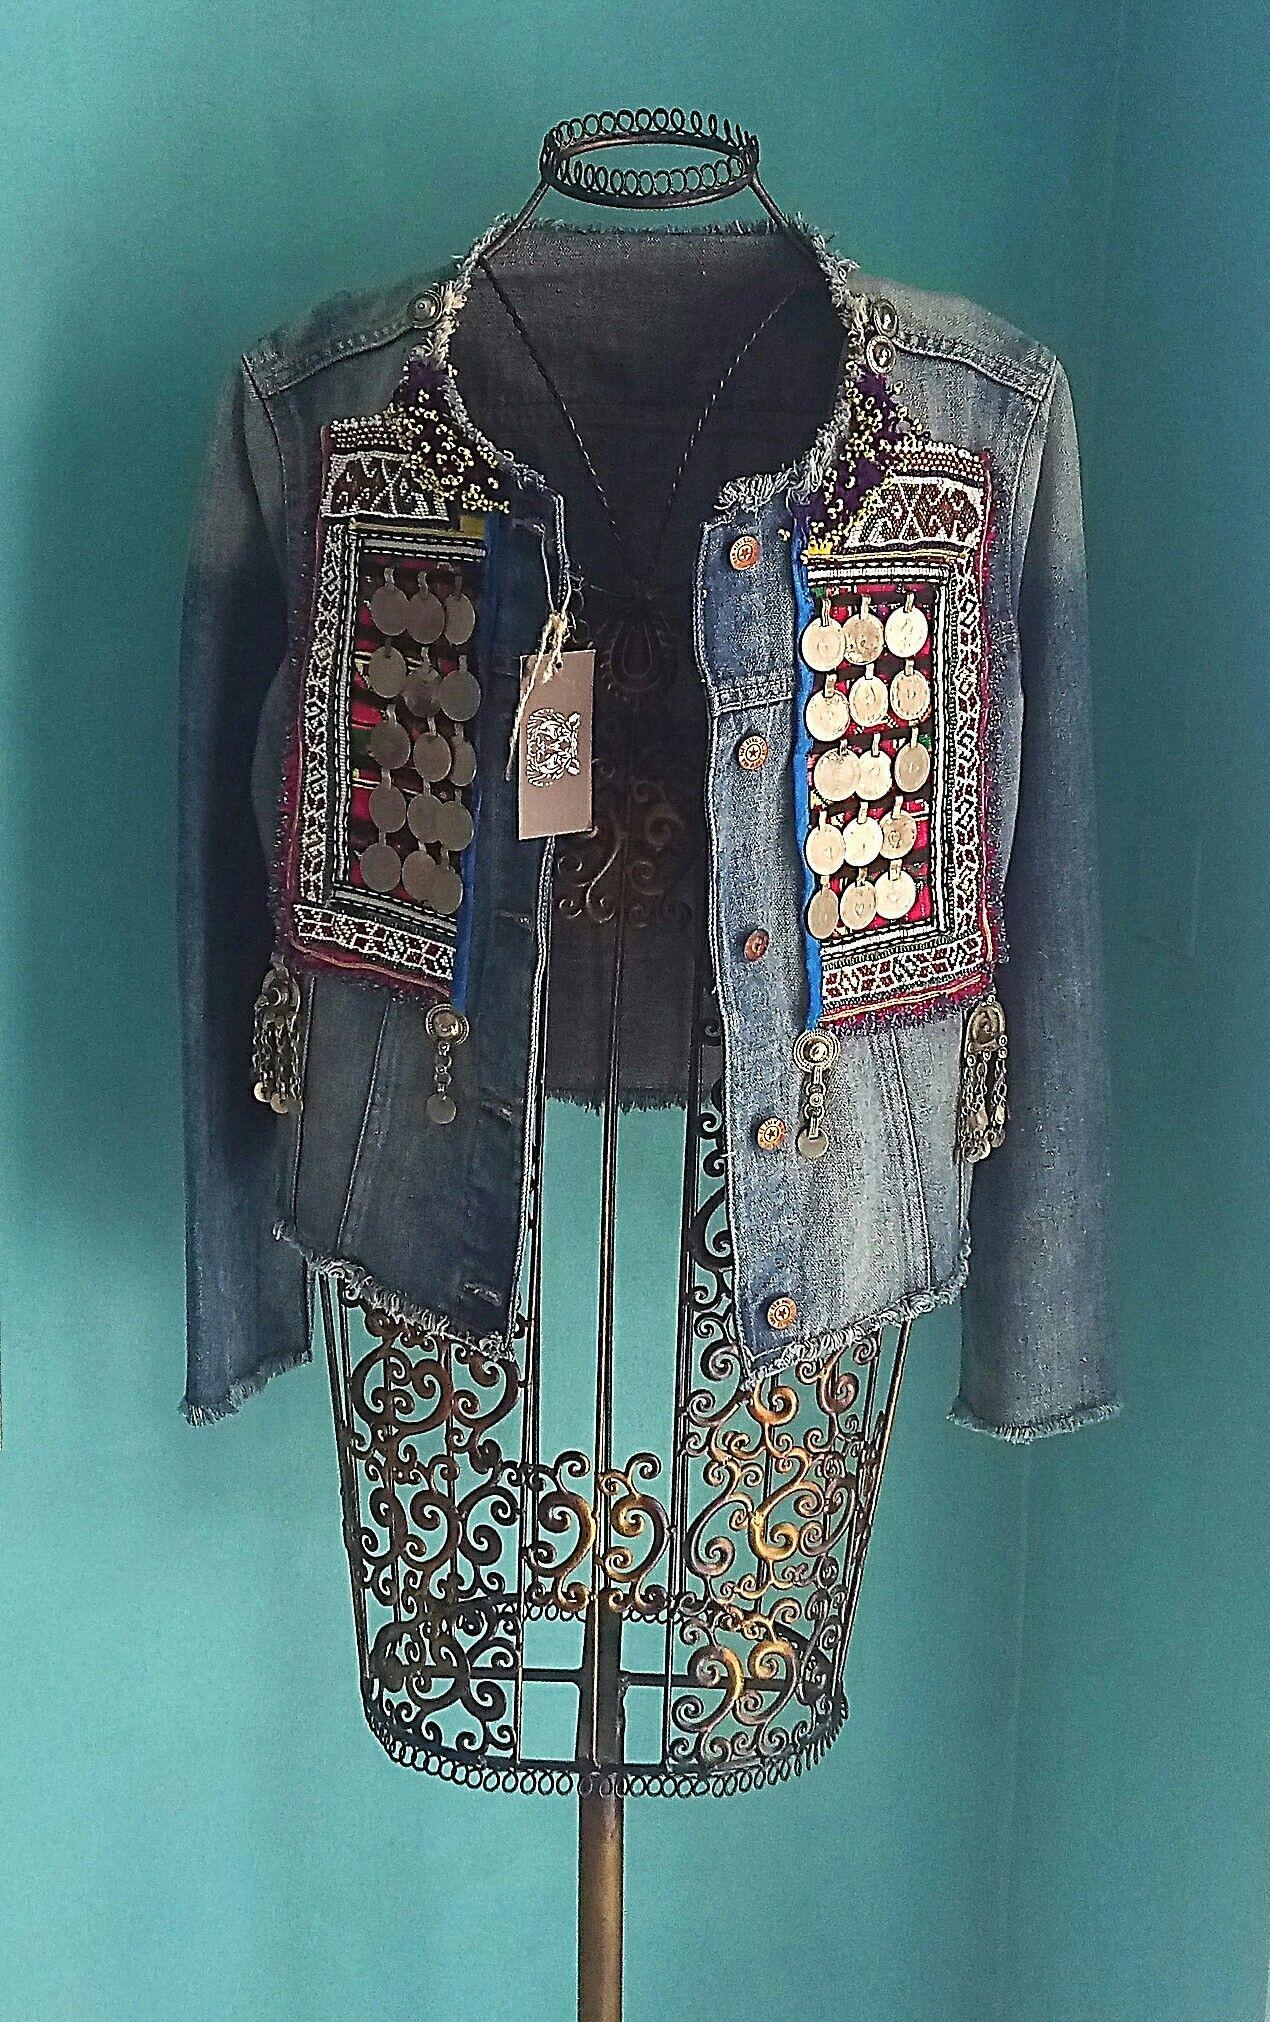 Compra ethnic jacket y disfruta del envío gratuito en AliExpress